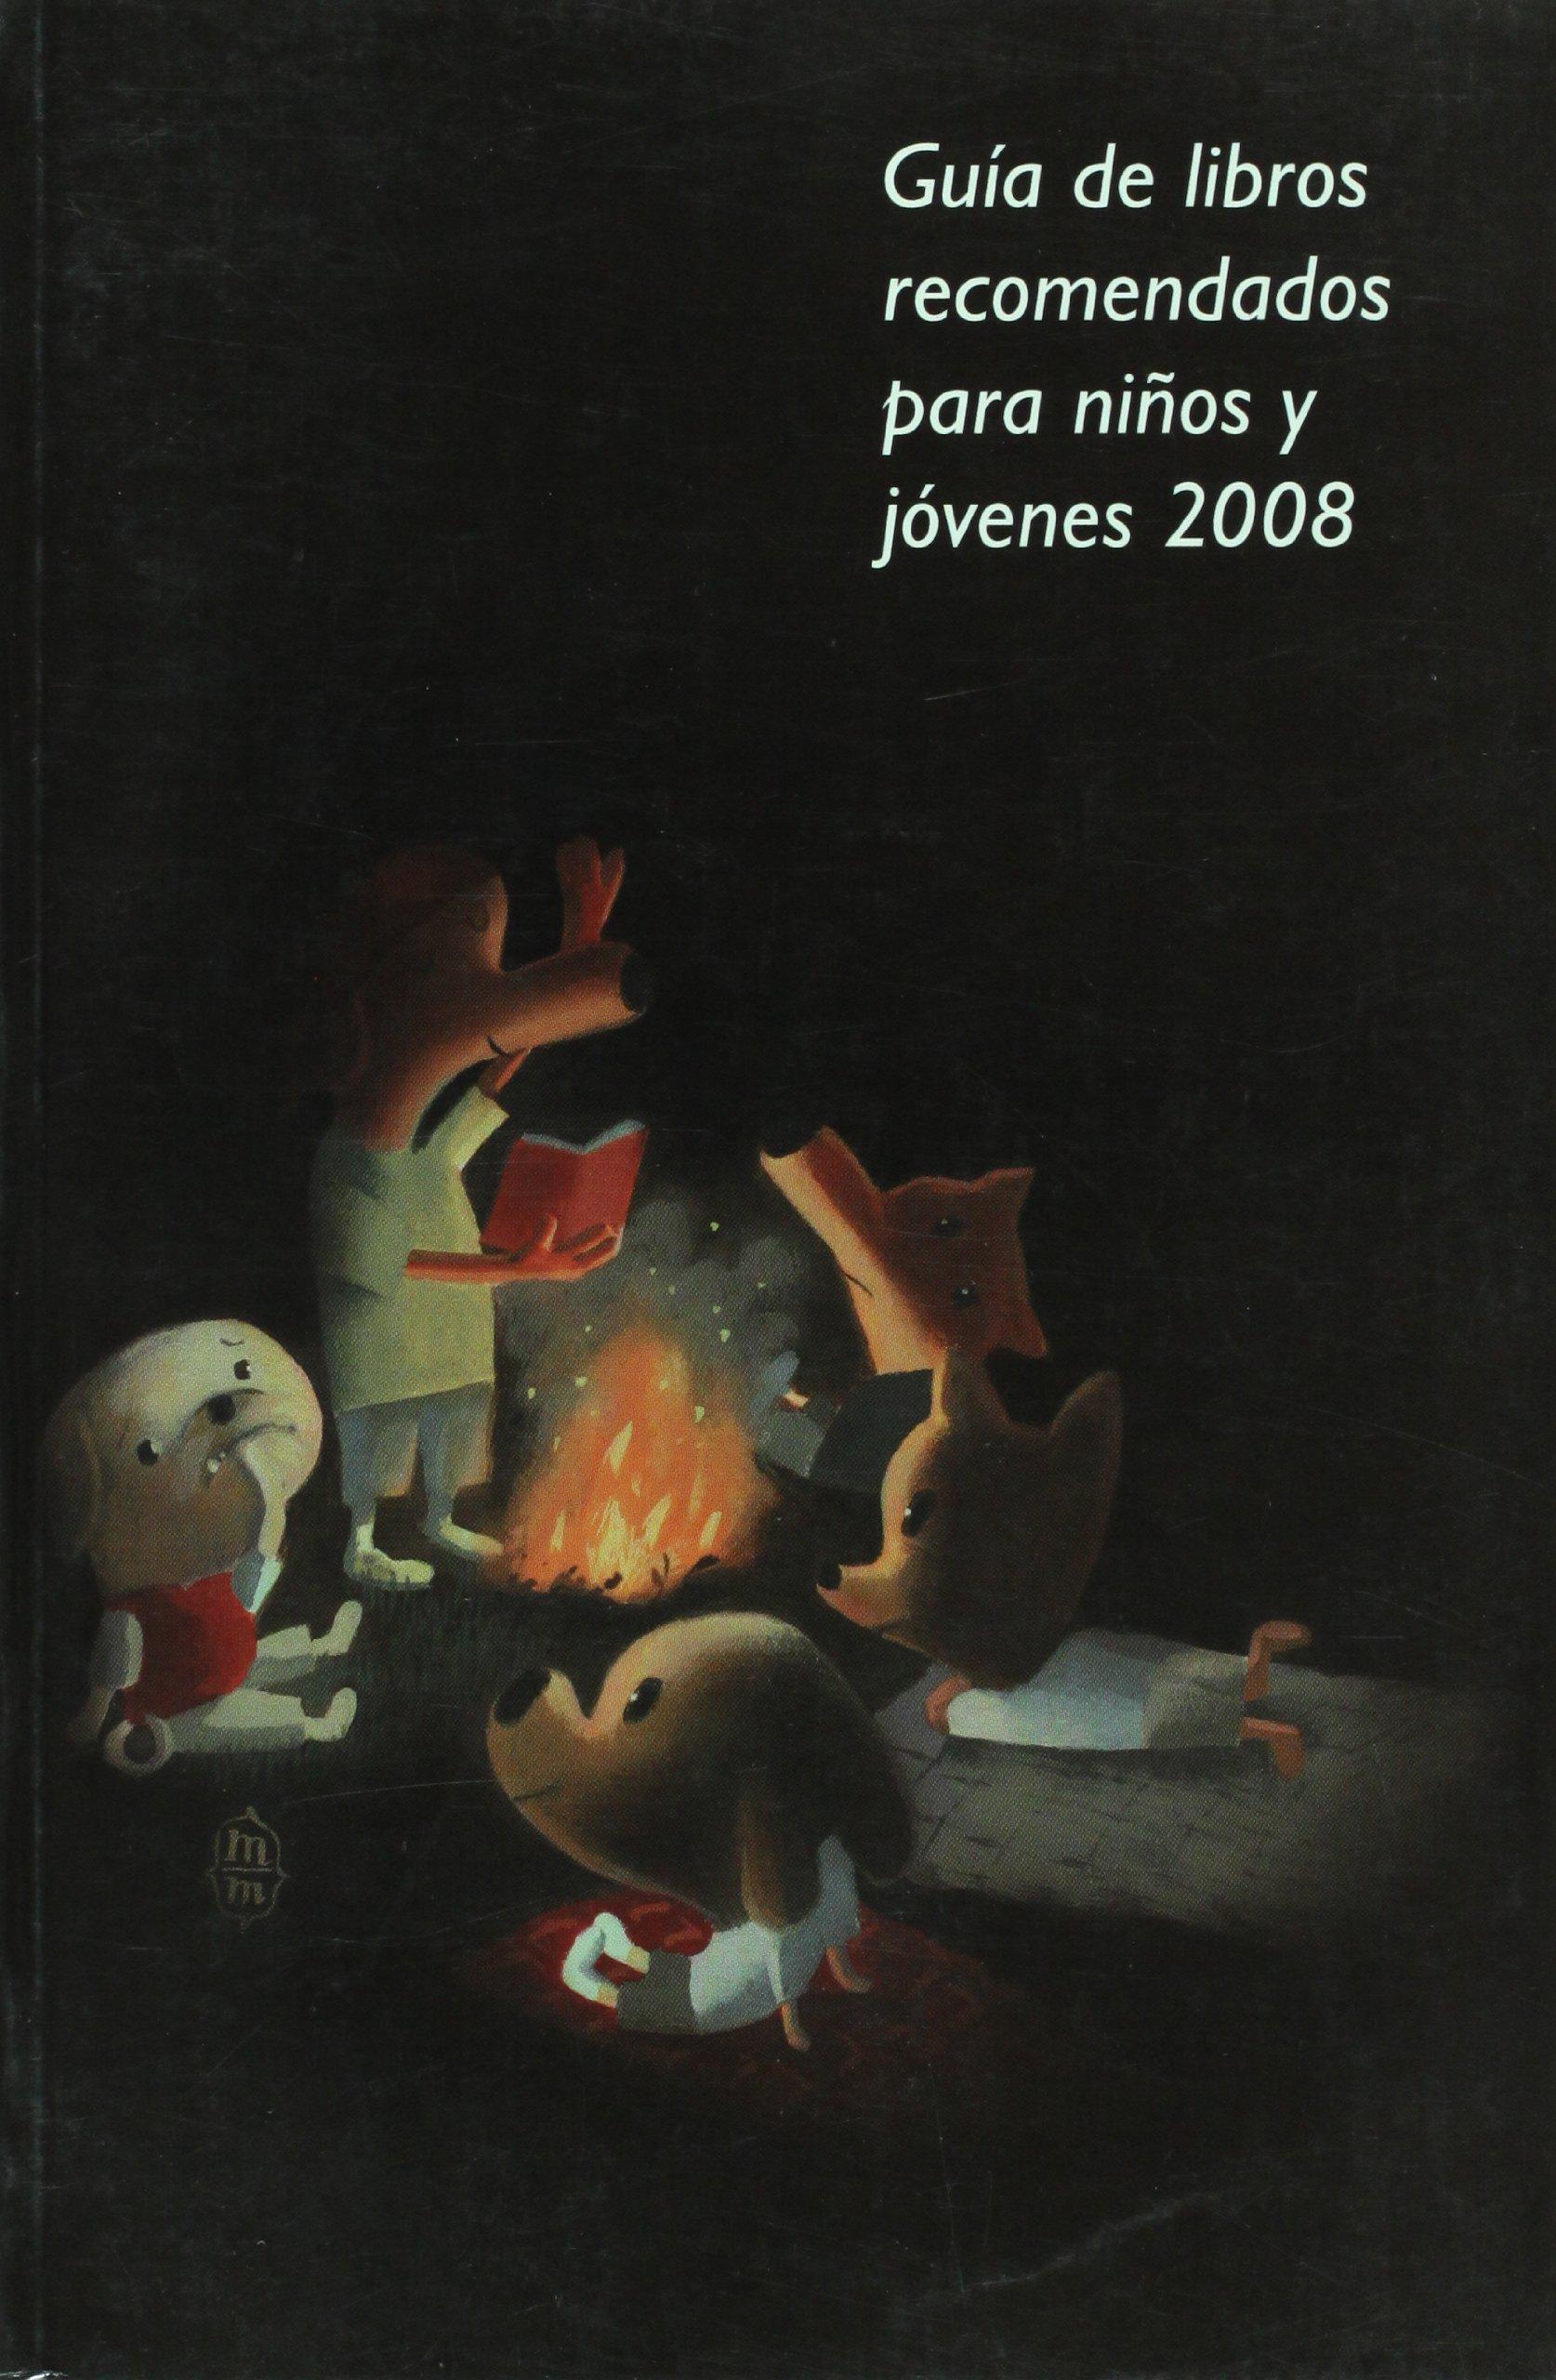 Guia de libros recomendados para ninos y jovenes 2008 ...